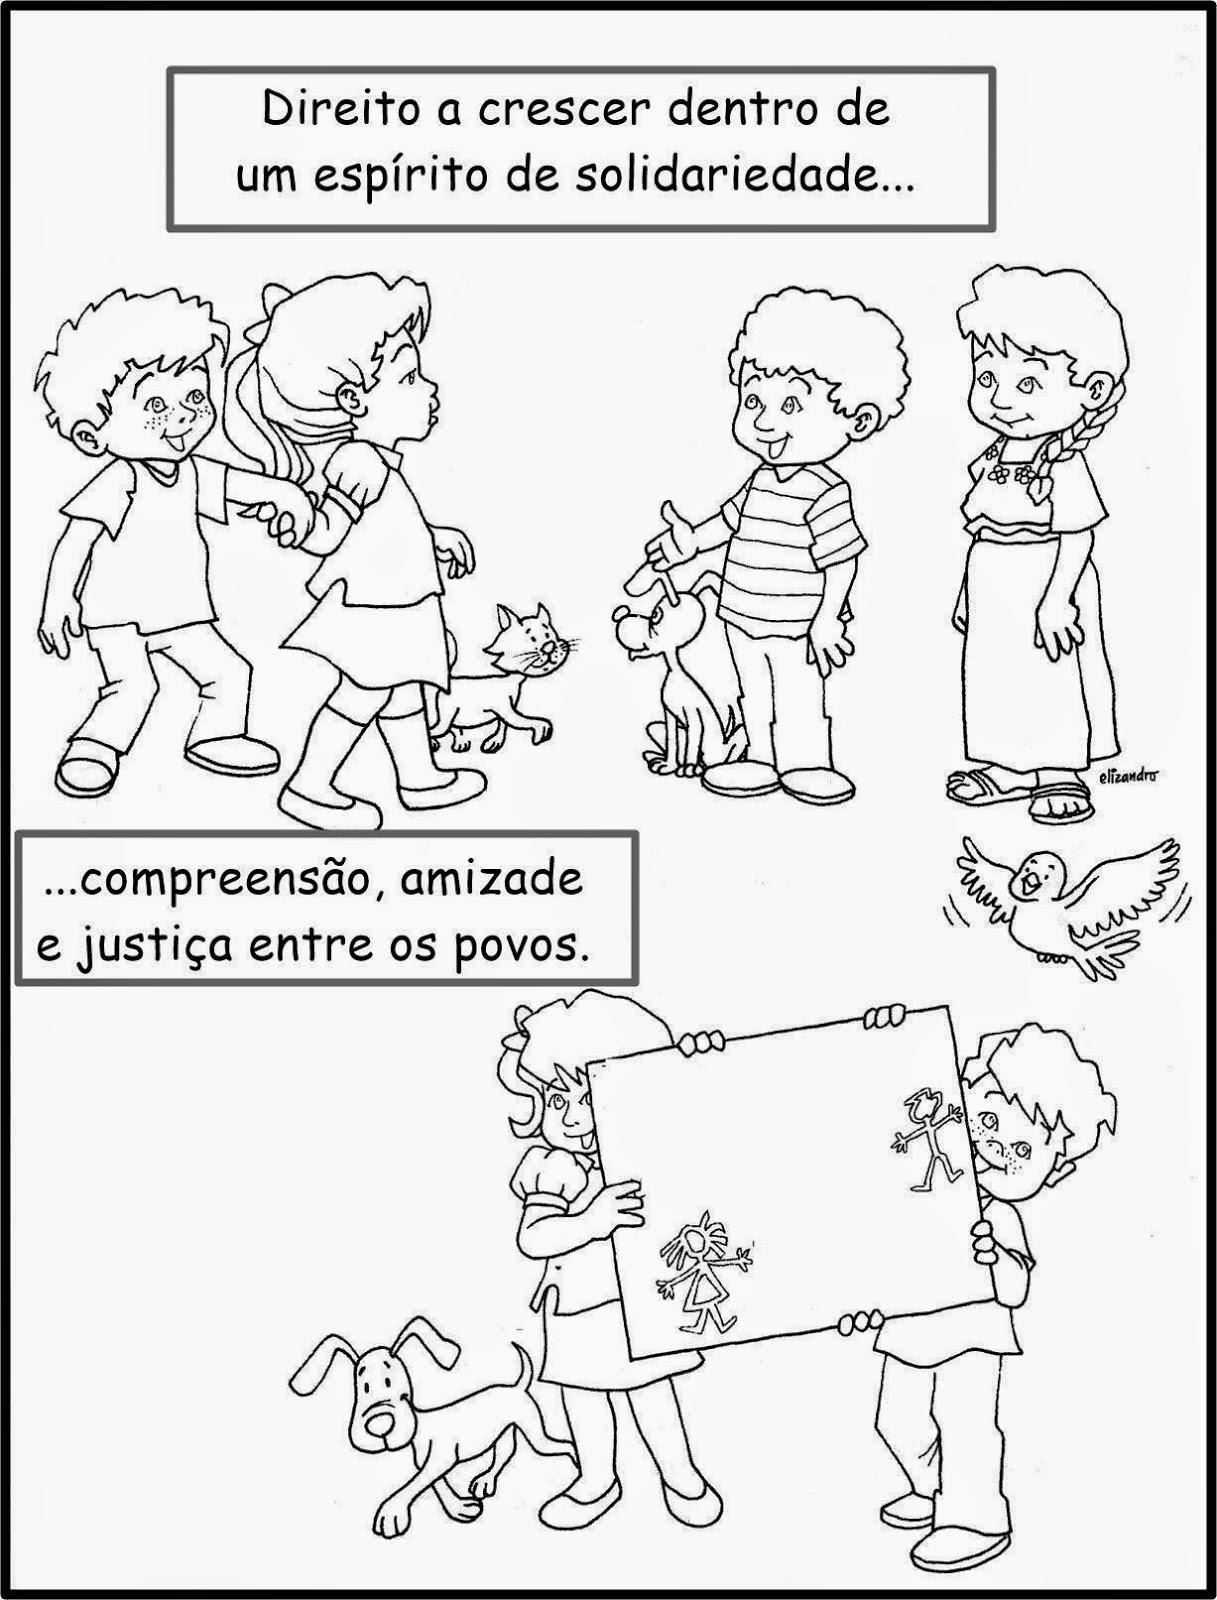 dia das crianças atividades escolares (8)